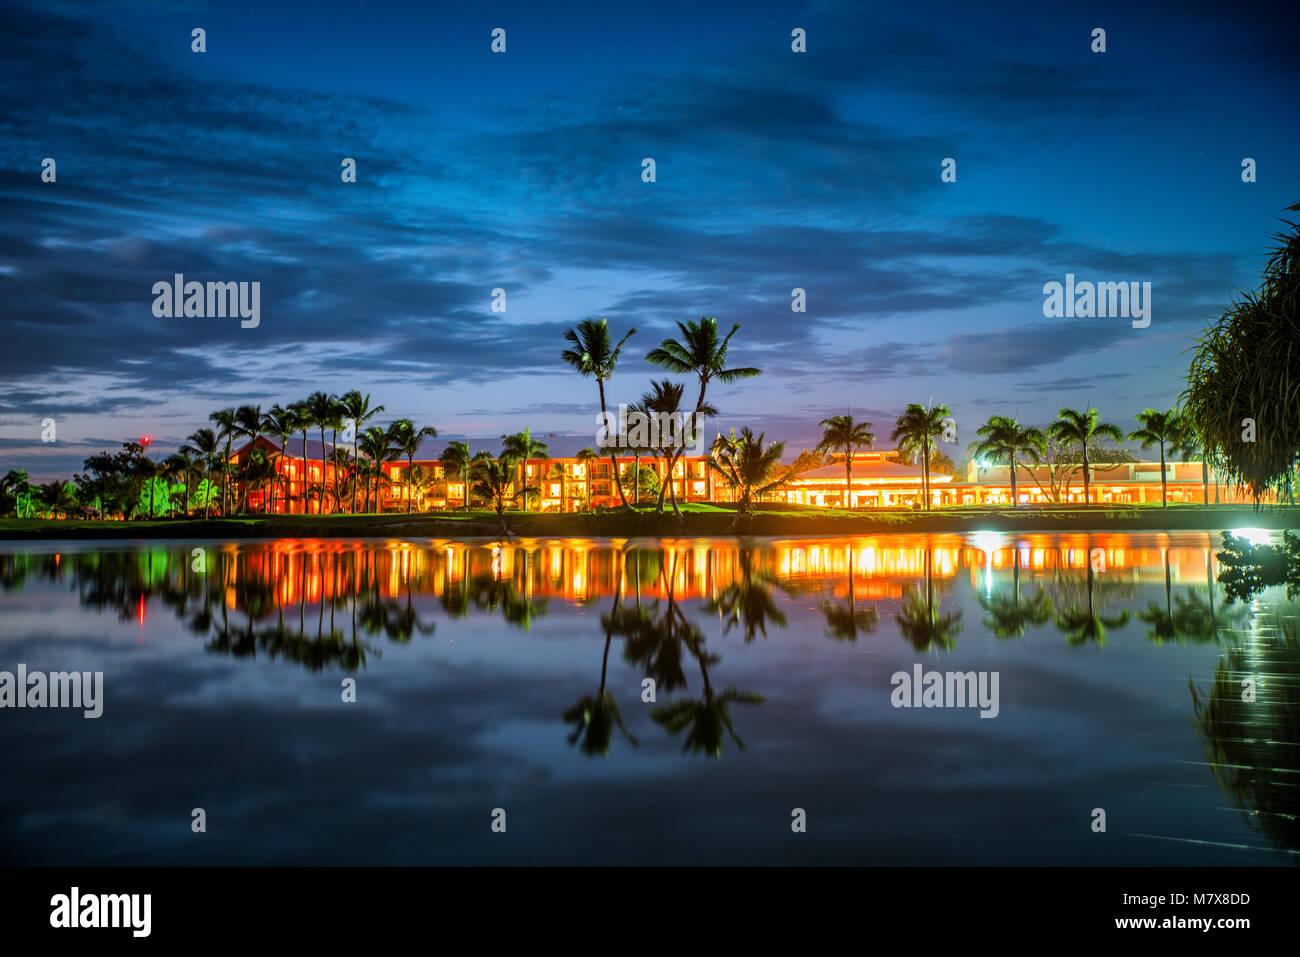 Tropical campo da golf al tramonto, Repubblica Dominicana, Punta Cana Immagini Stock